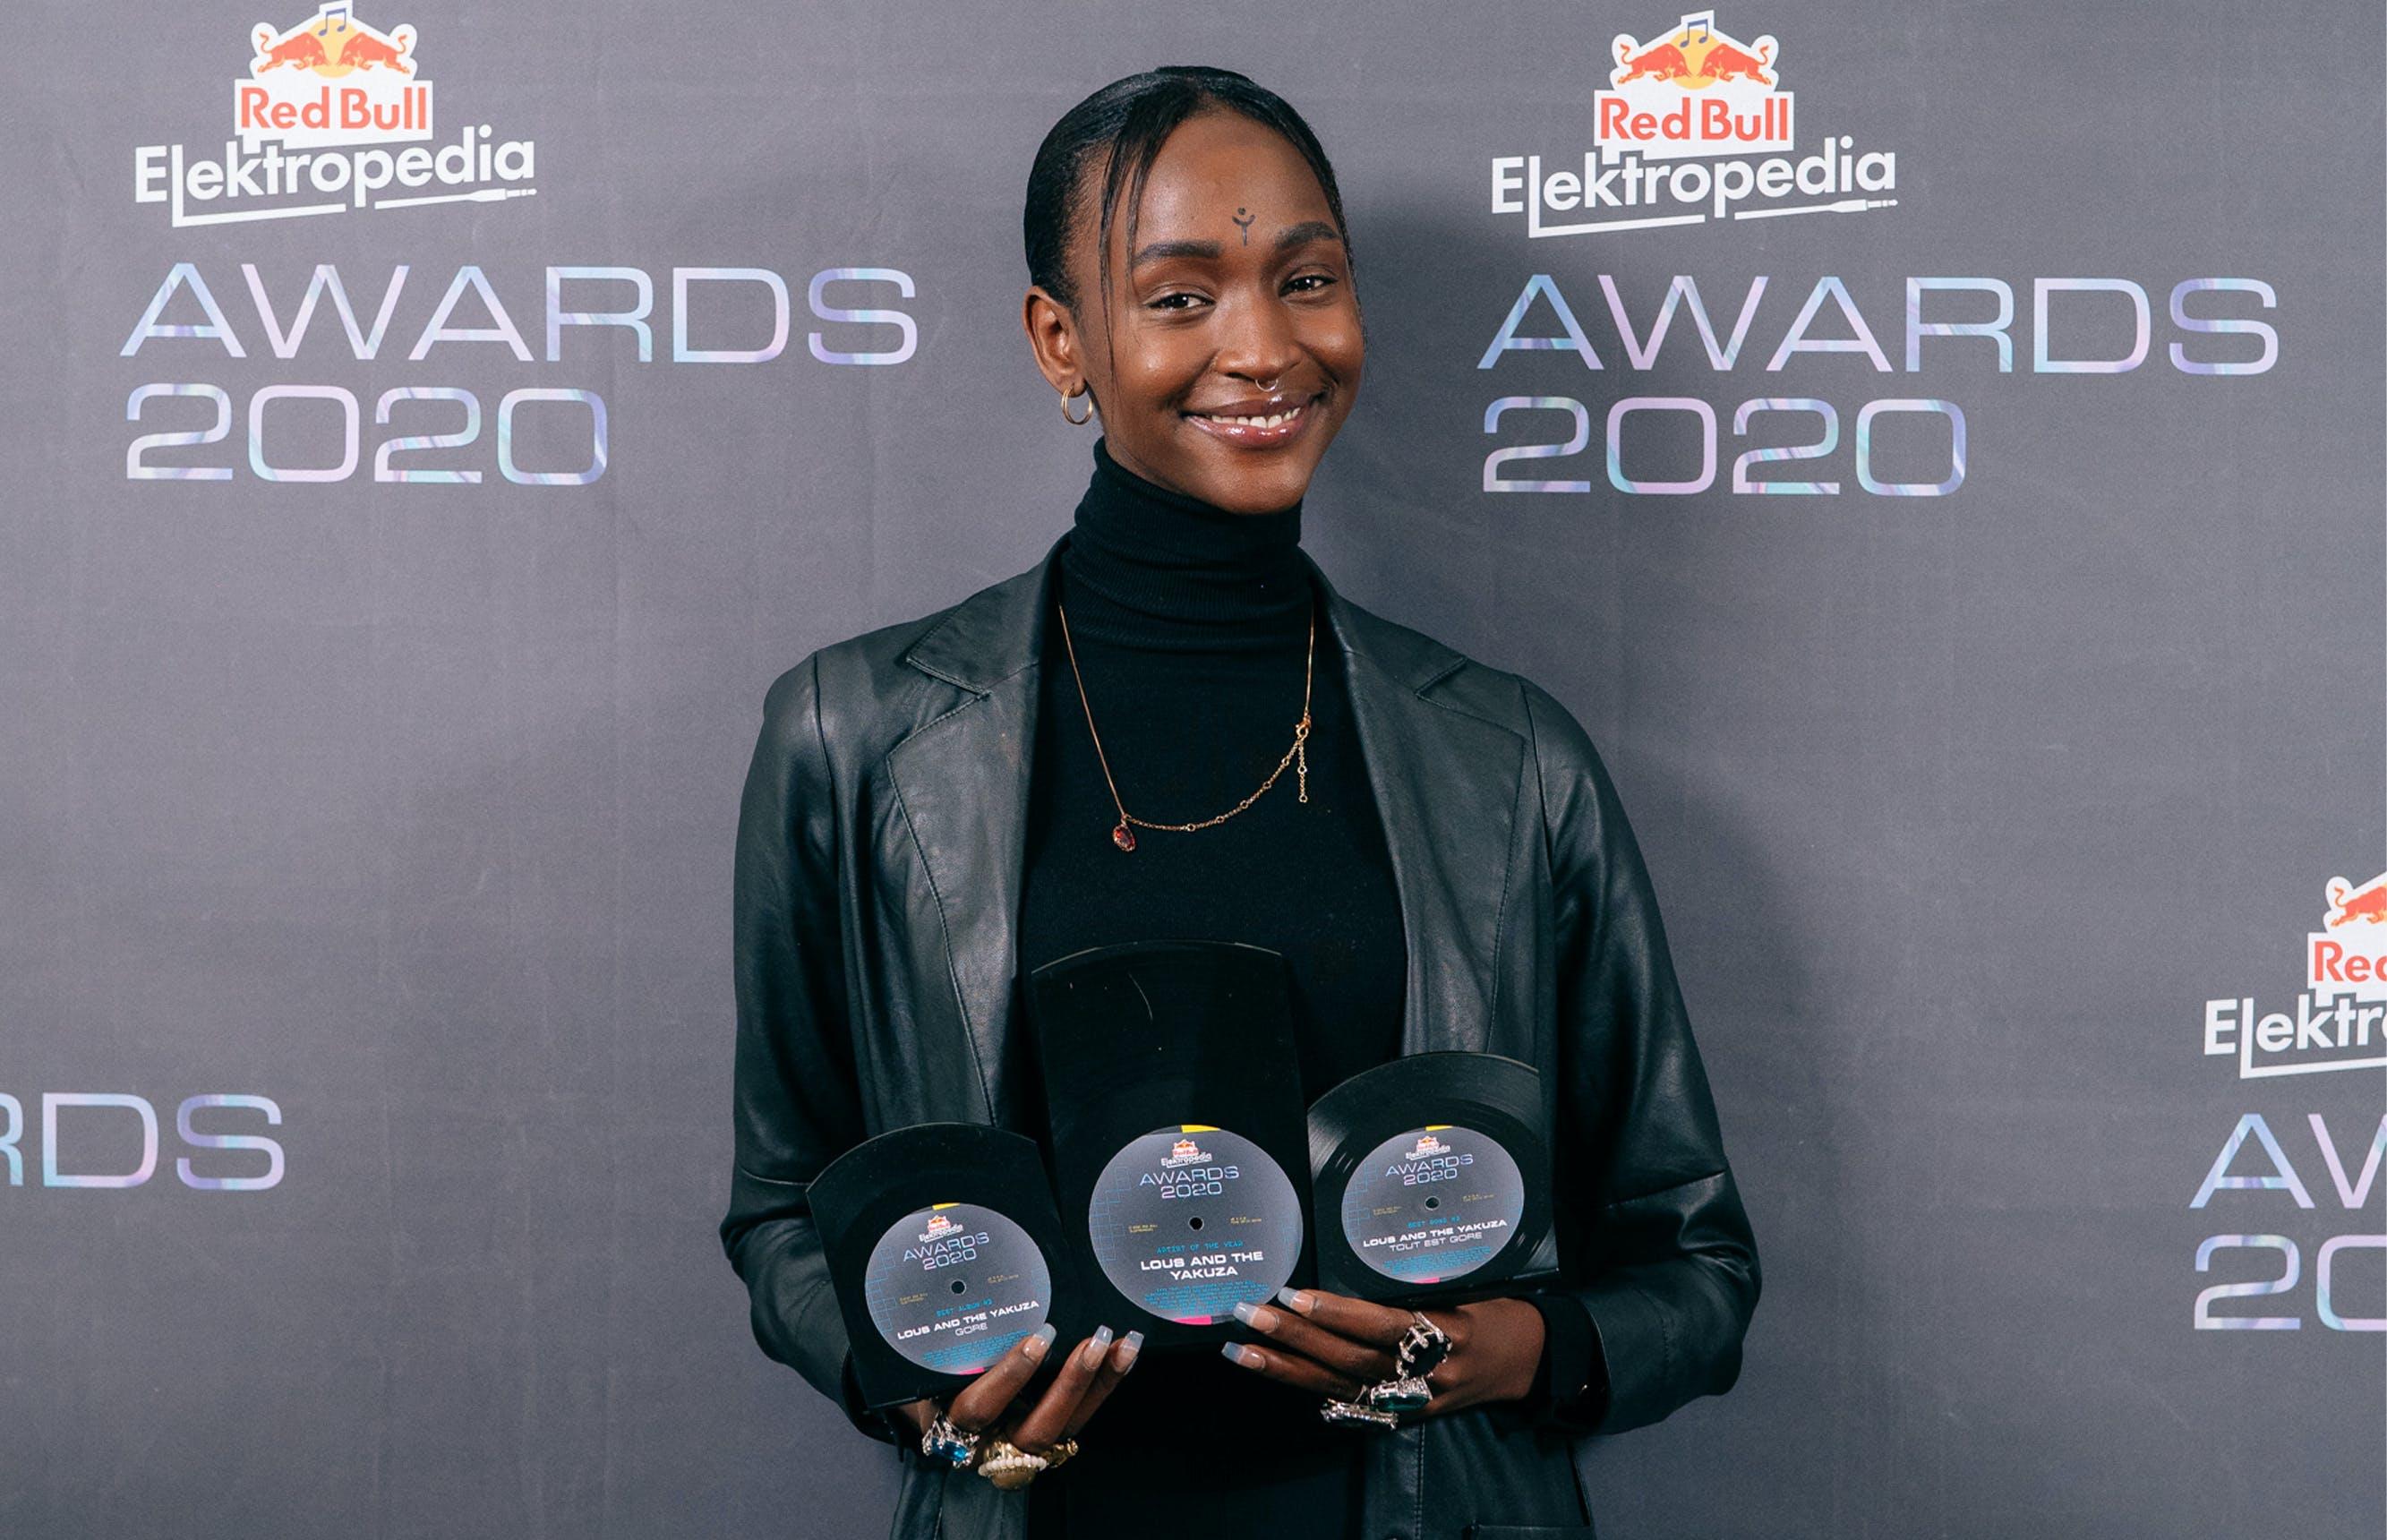 Red Bull Elektropedia Awards voor Lous and The Yakuza en meer, veiling brengt €26.000 op voor LIVE2020